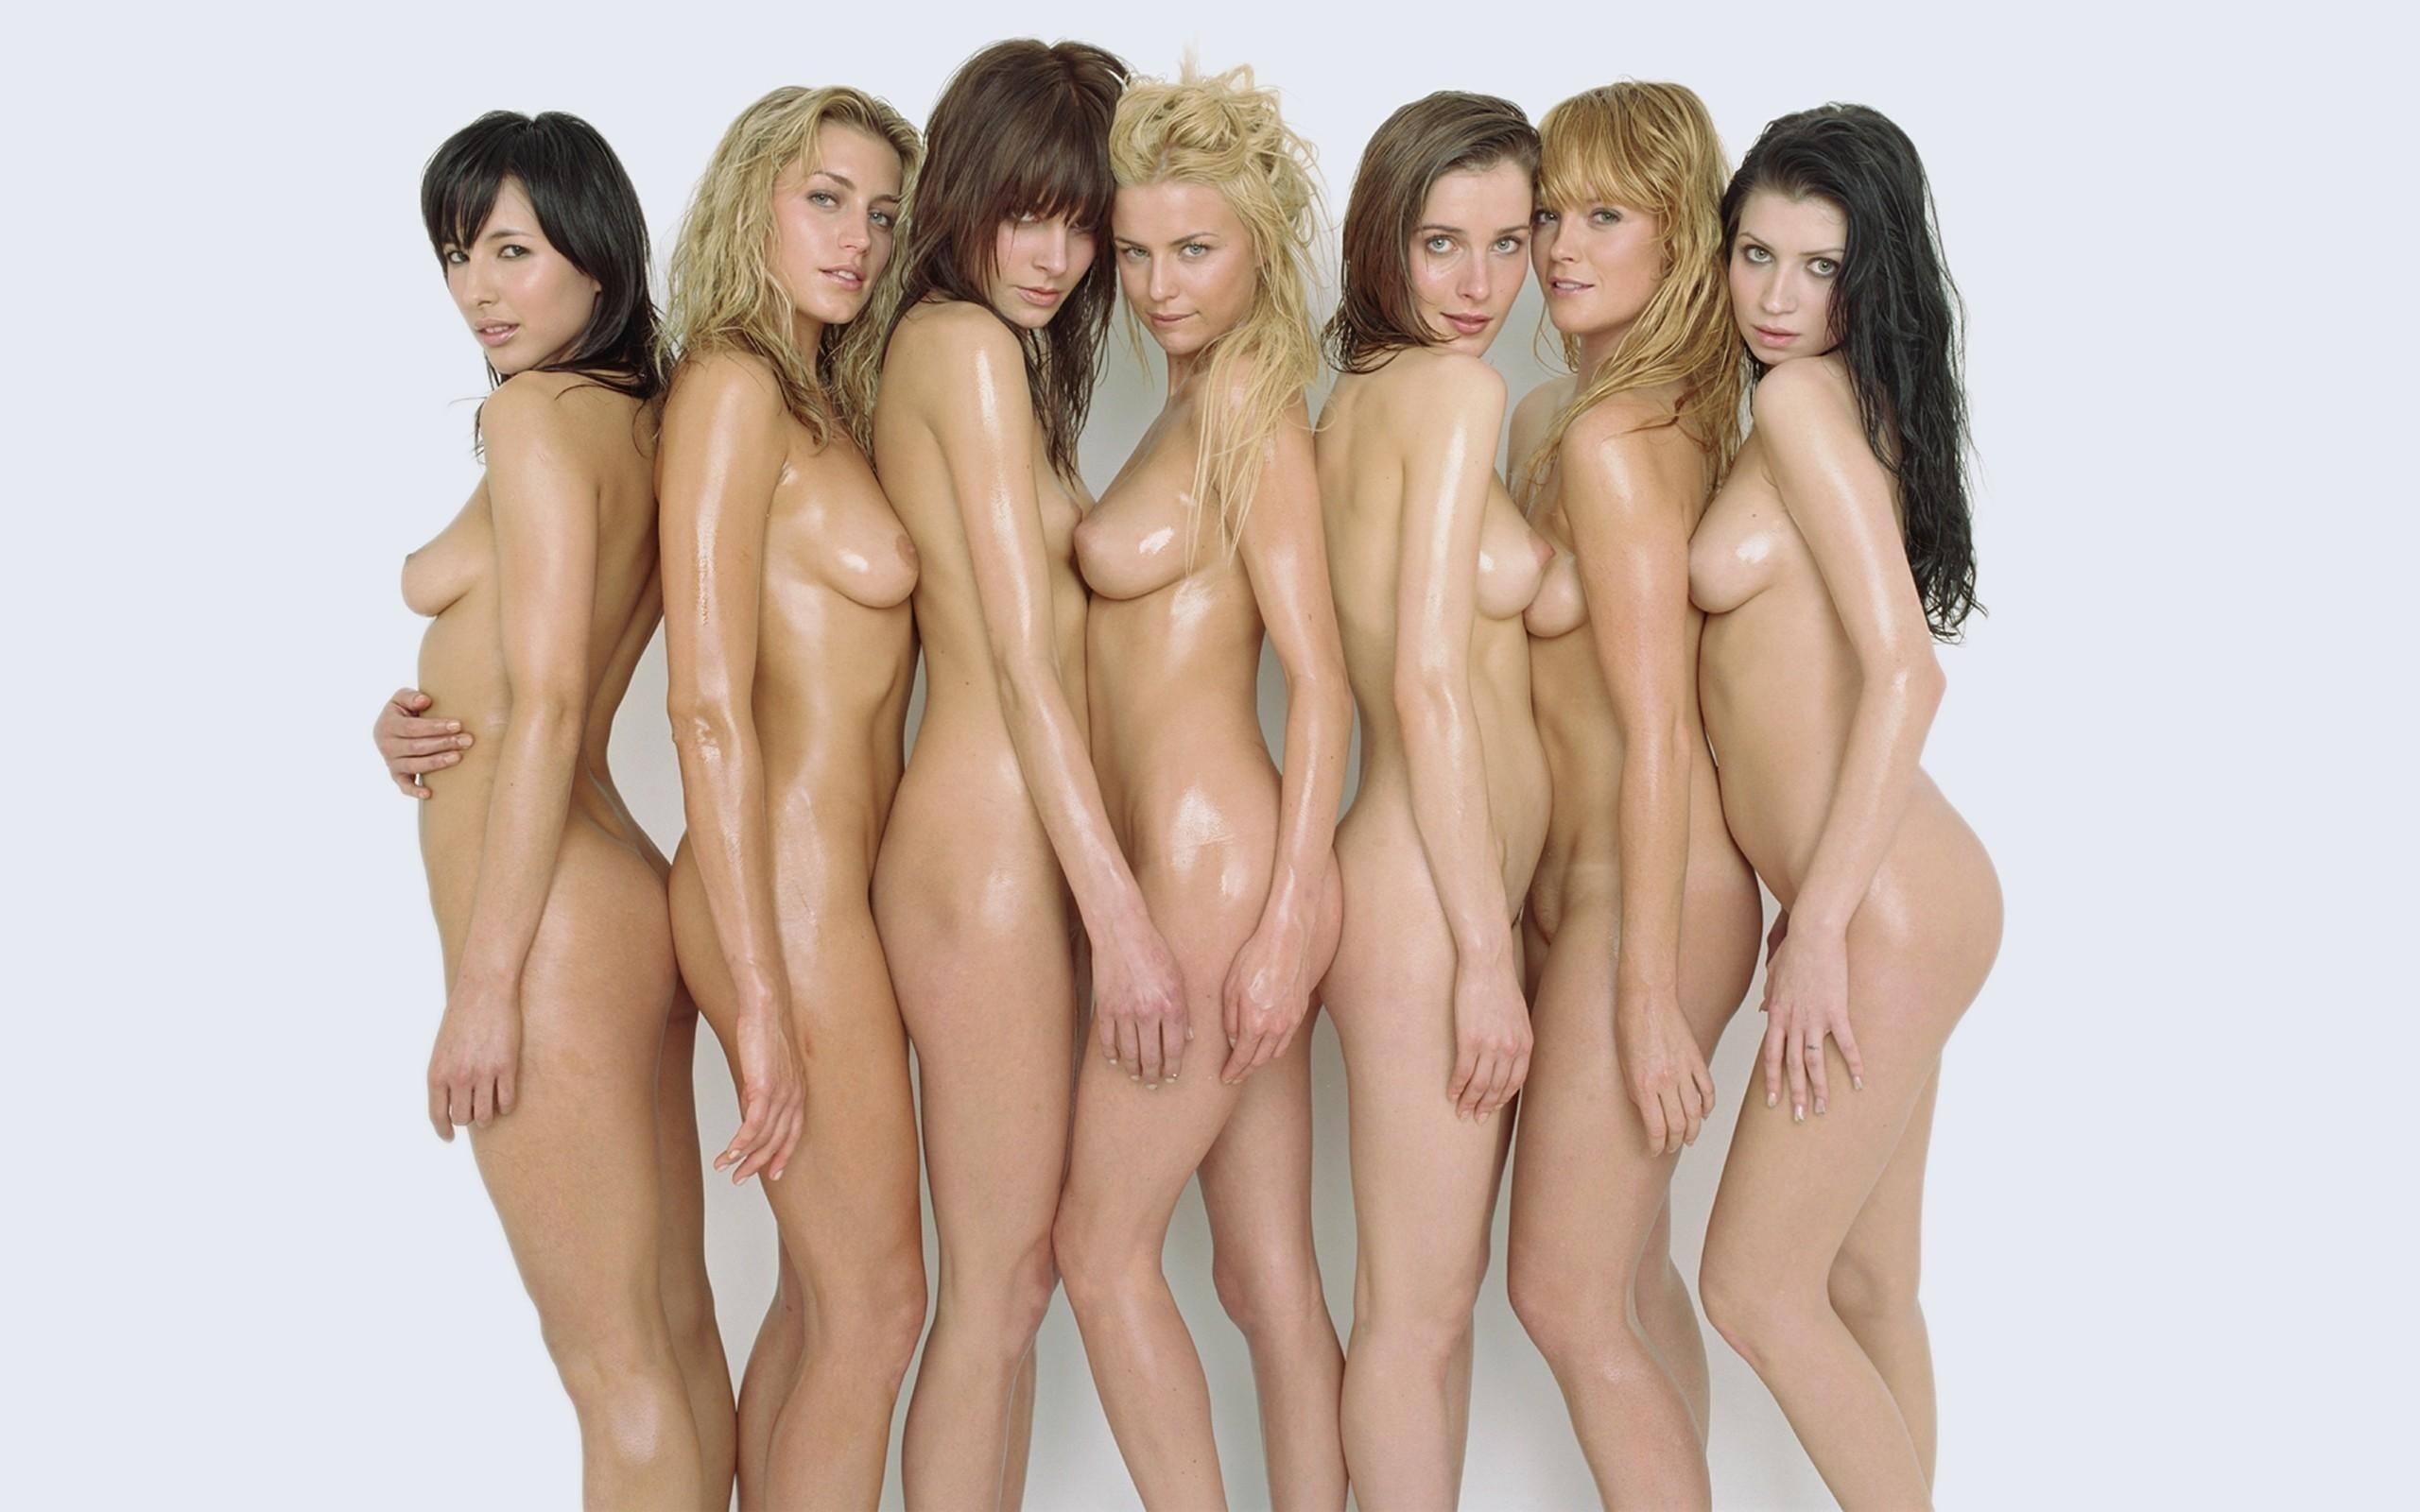 Naked Wallpaper